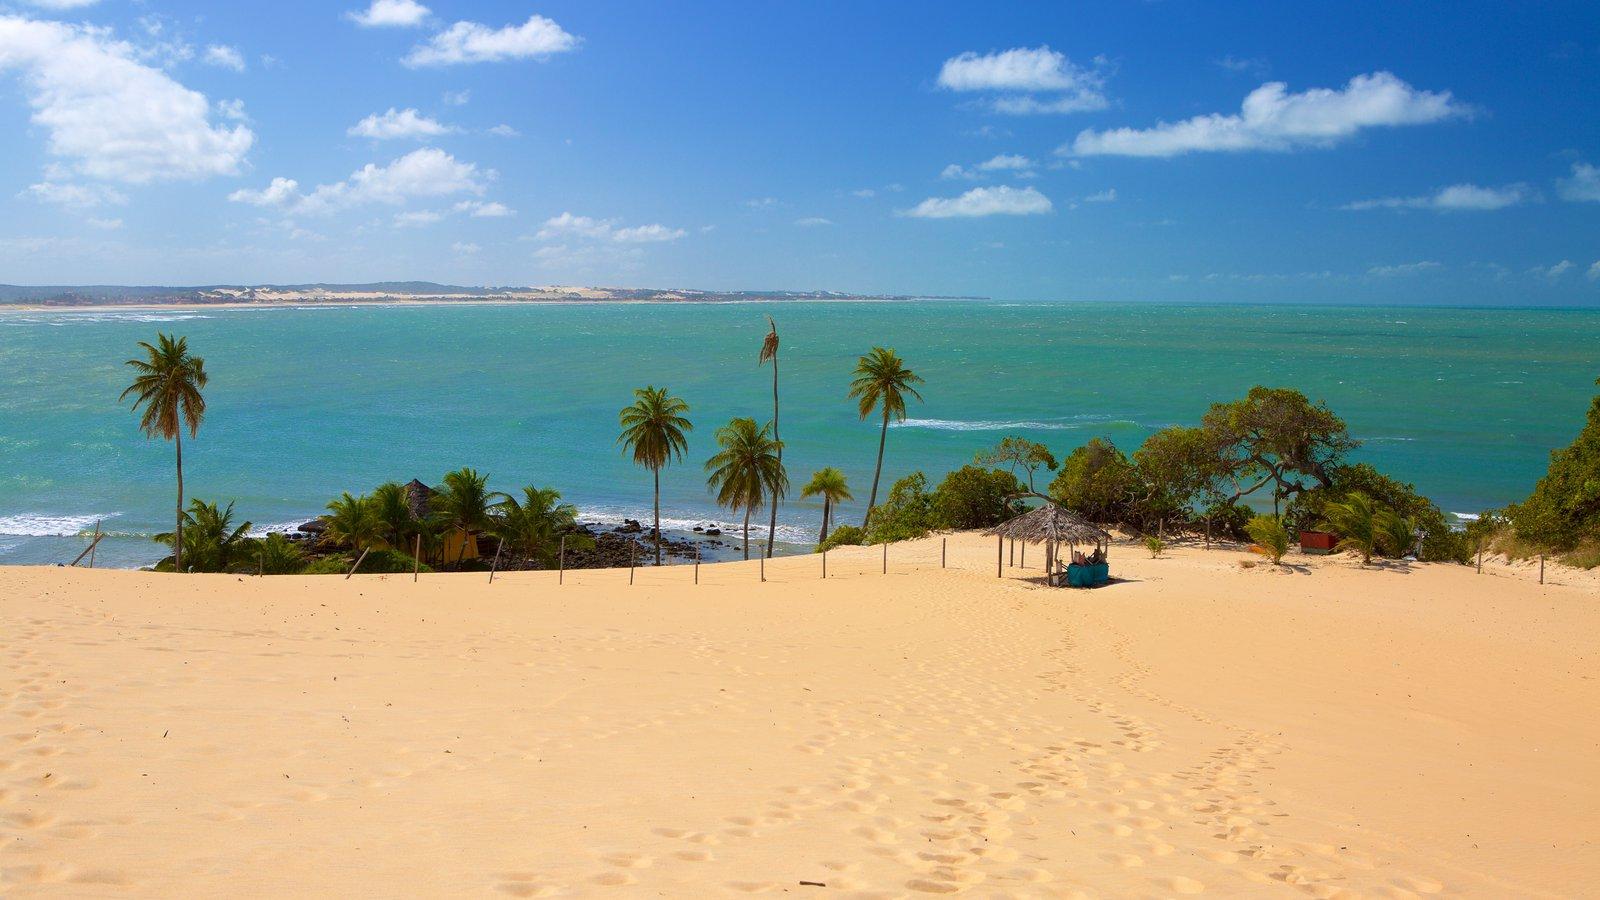 Praia de Genipabú mostrando paisagens litorâneas, cenas tropicais e uma praia